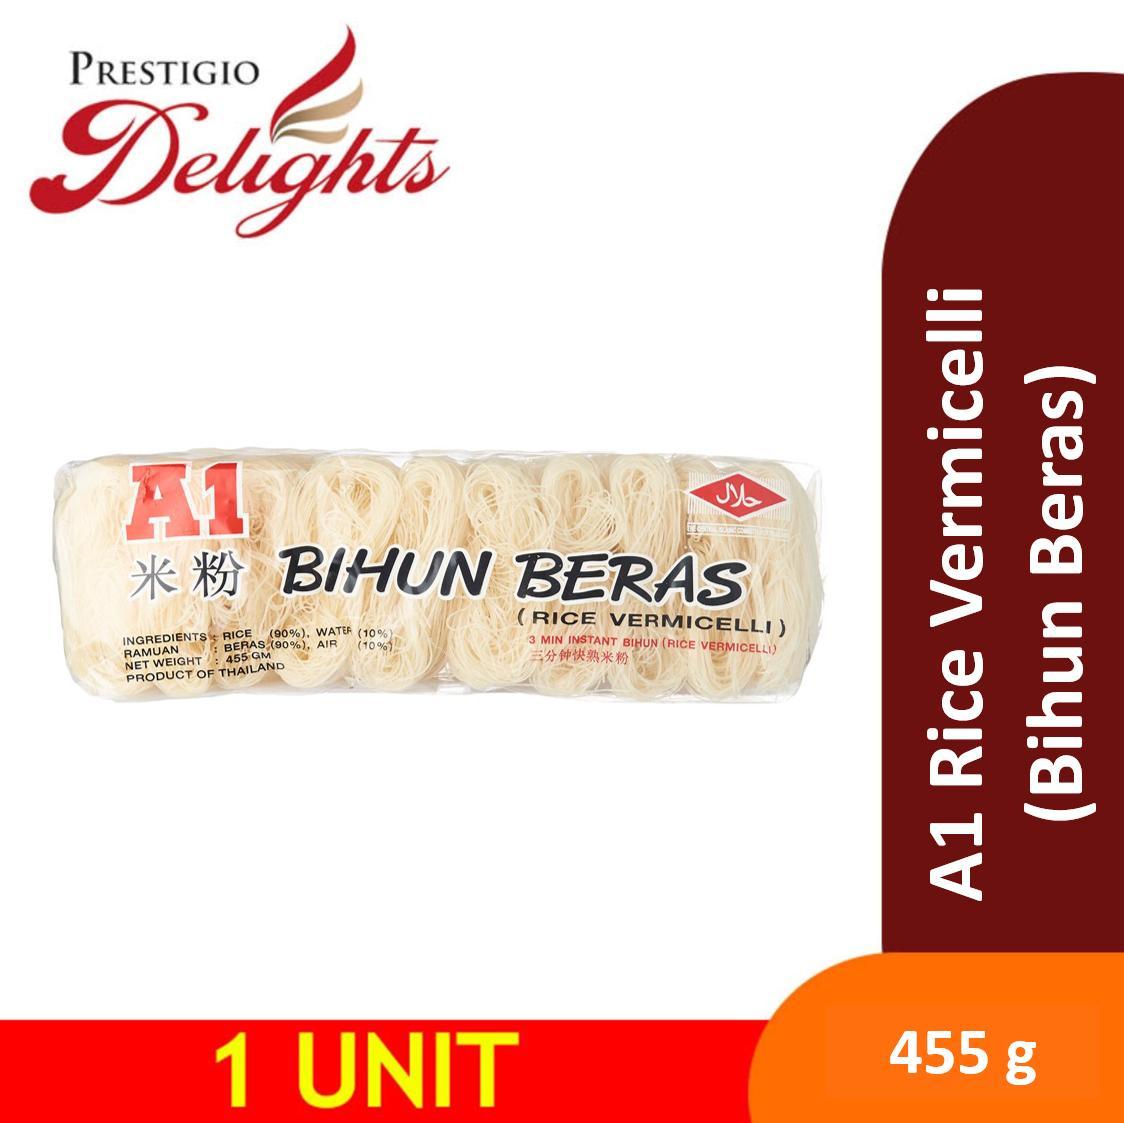 A1 Bihun Beras 45.5g By Prestigio Delights.